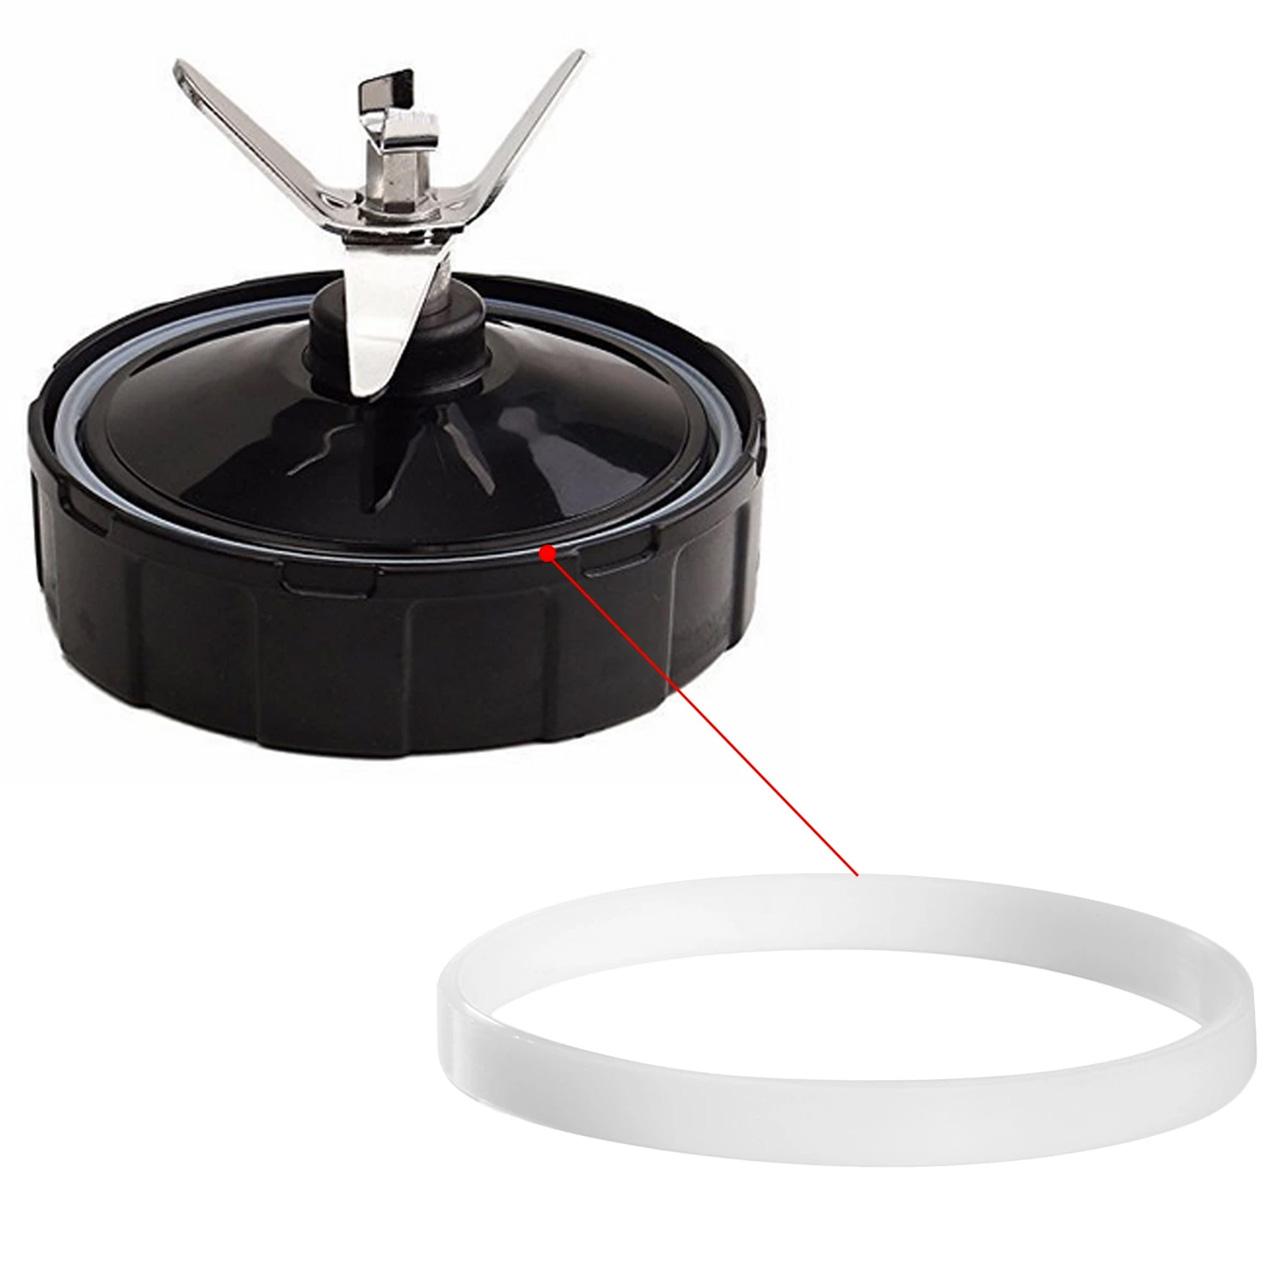 6 Anéis de Vedação para Liquidificador Nutri Ninja 900W e 1000W - Pronta Entrega